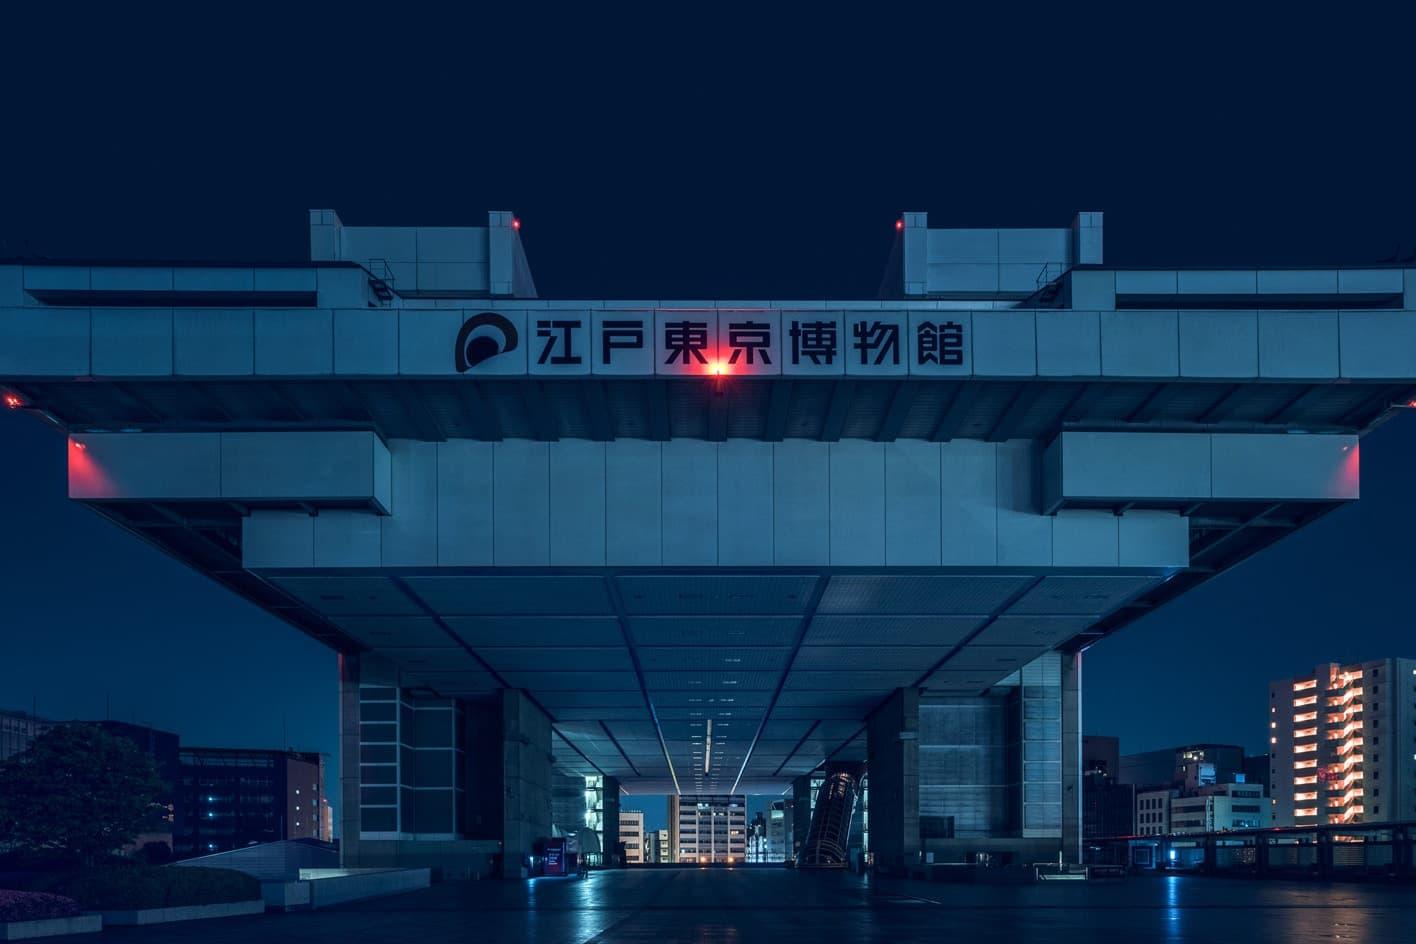 『ブレードランナー』的な世界観で切り取られたSF感満載の東京の有名建築物